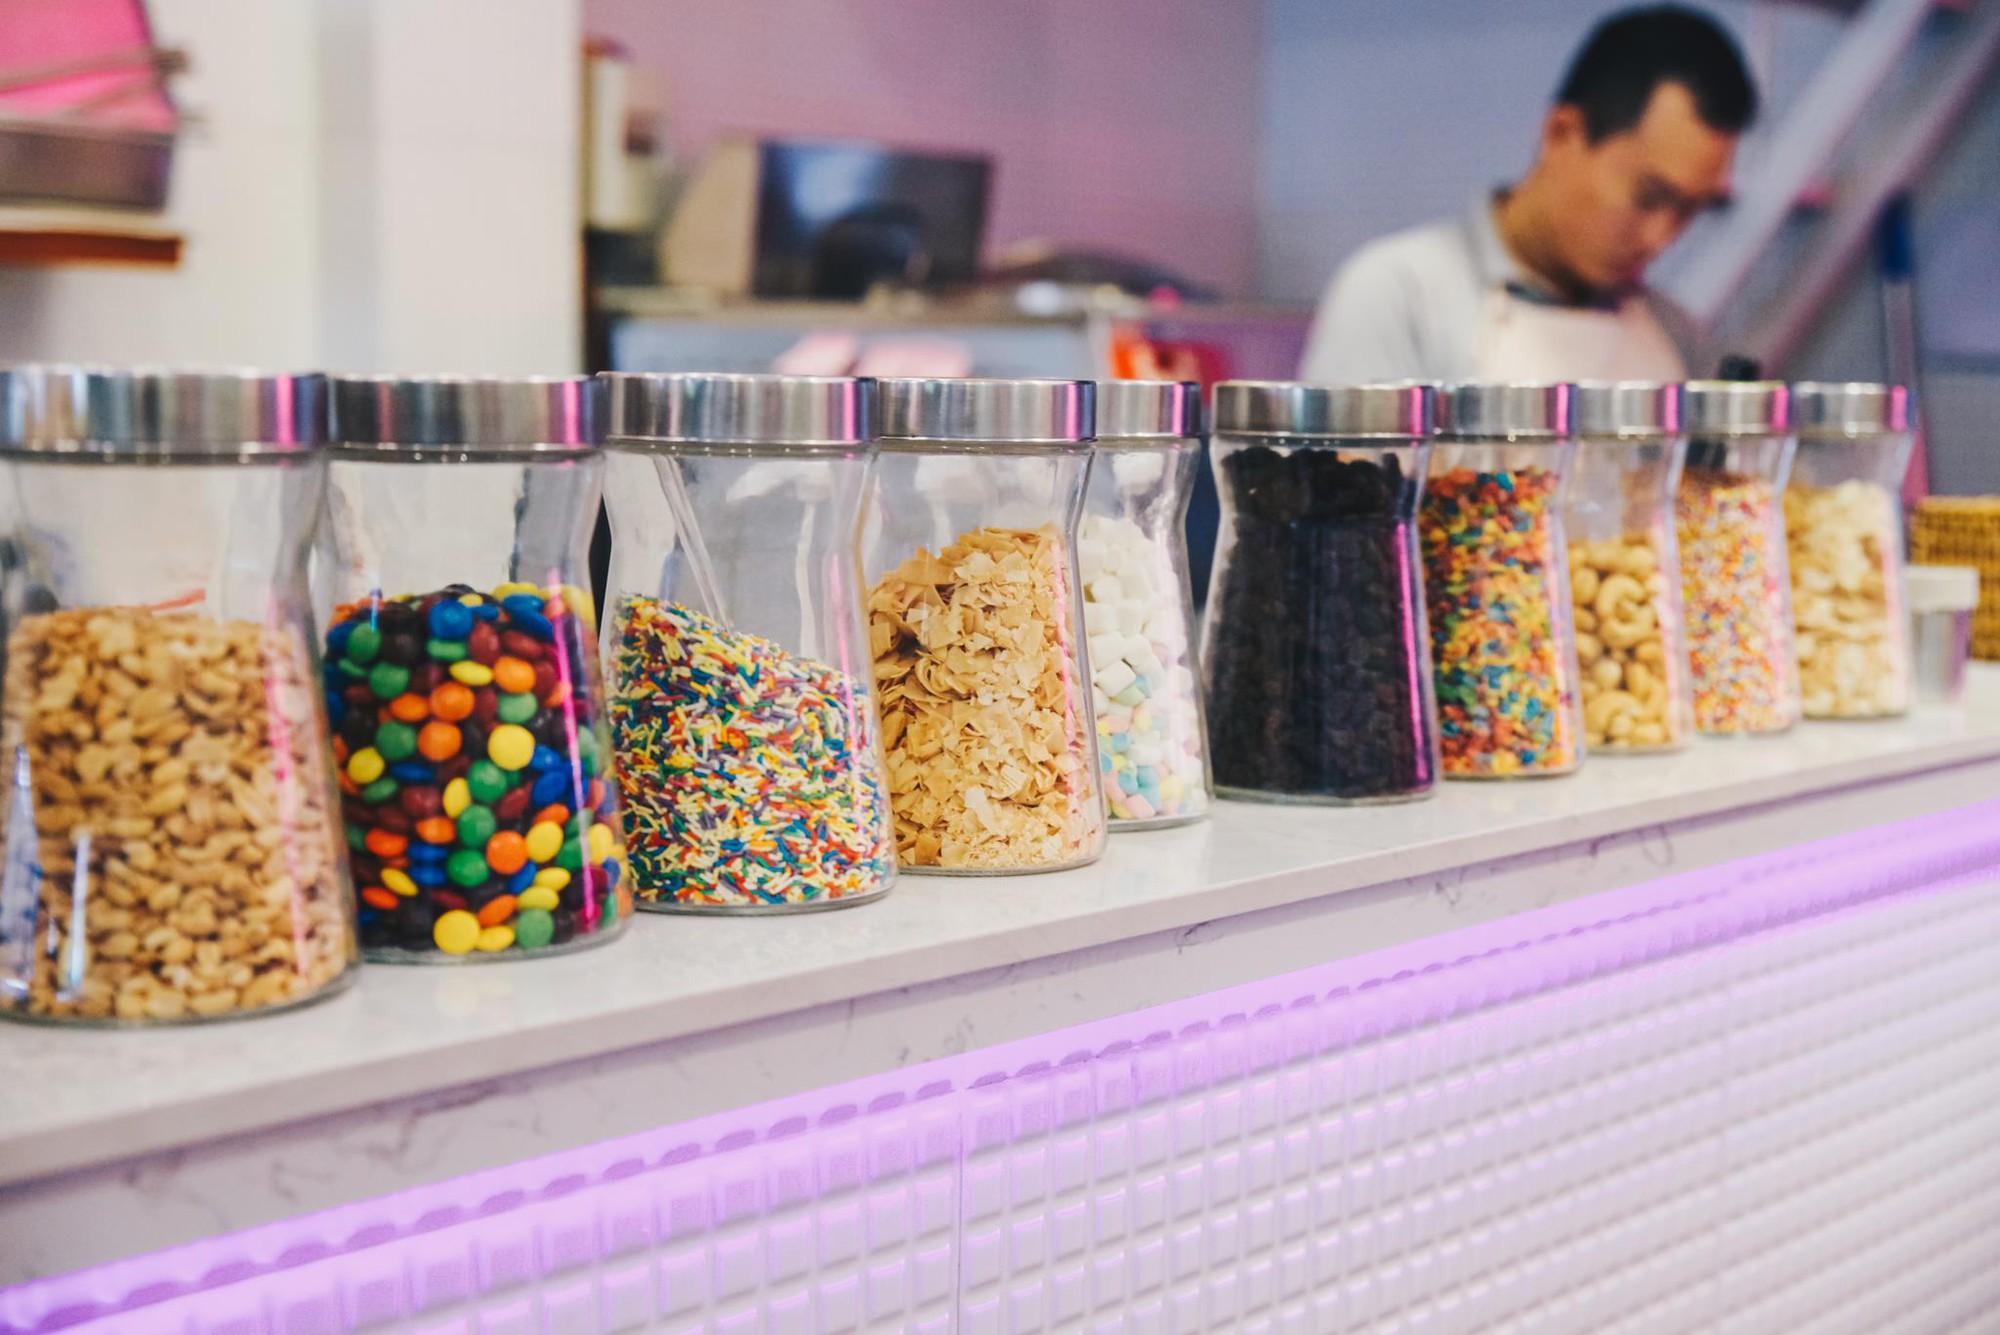 Khám phá tiệm kem Fella Gelato ngay giữa lòng Sài Gòn: toàn vị siêu độc, ăn ngập mồm không sợ béo - Ảnh 7.